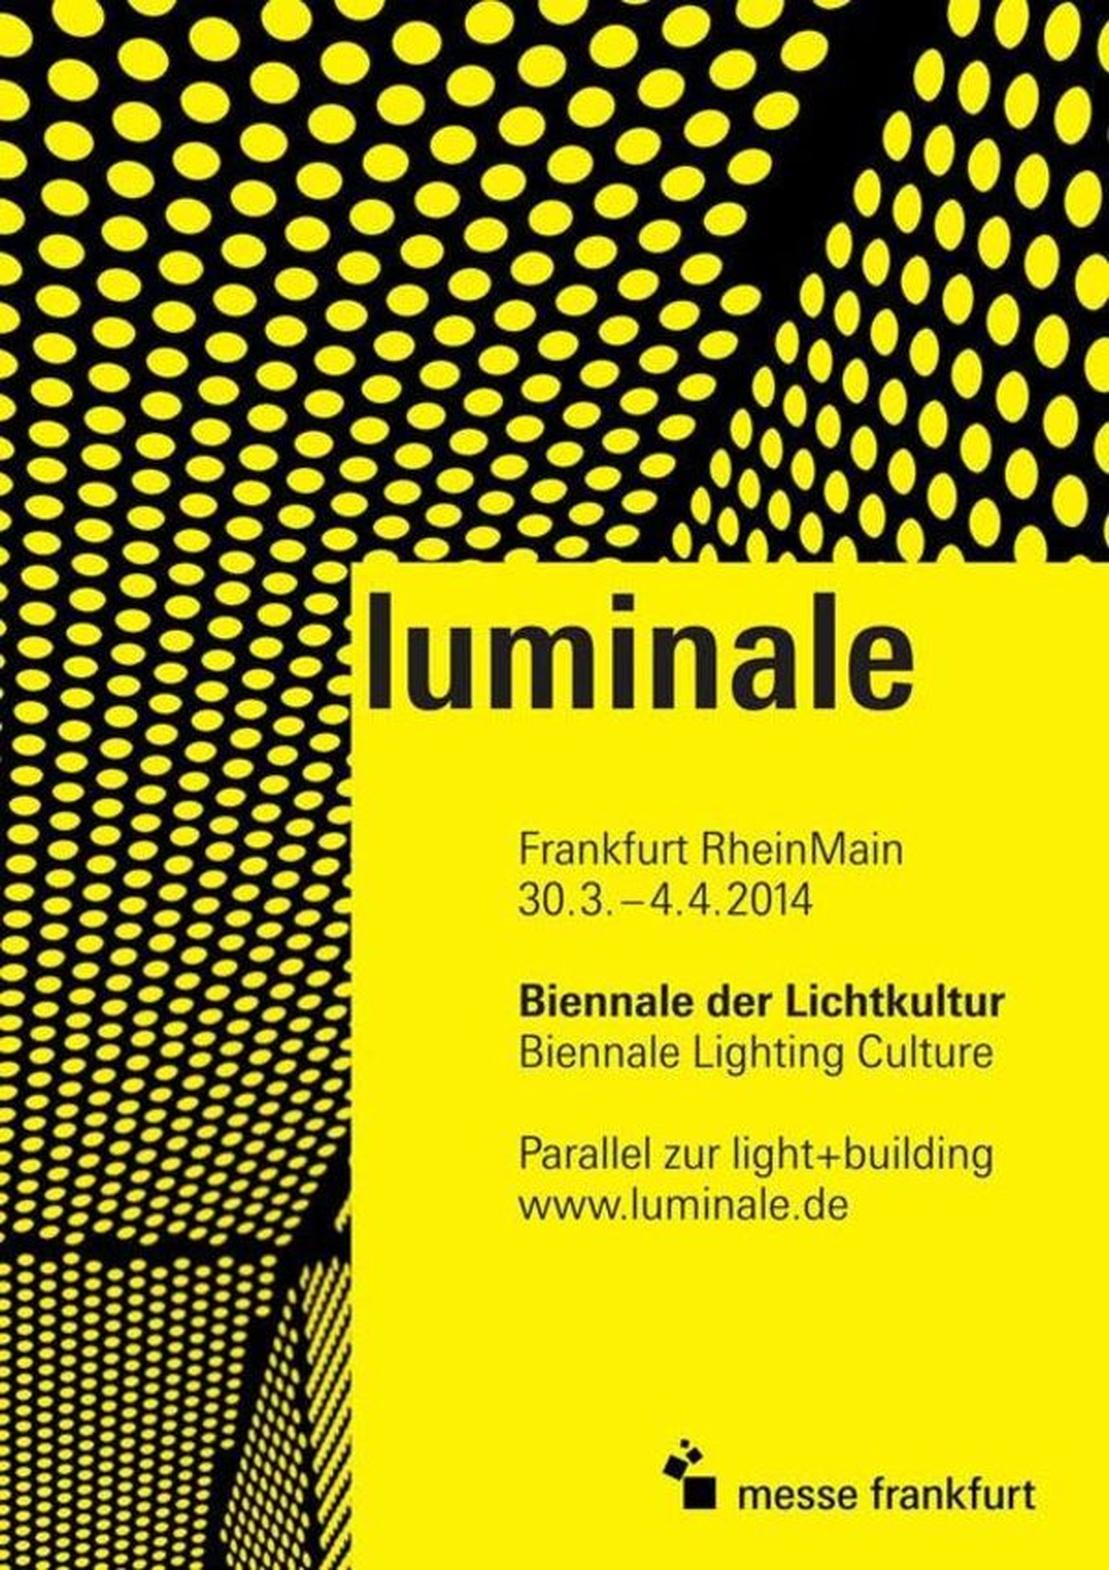 Luminale